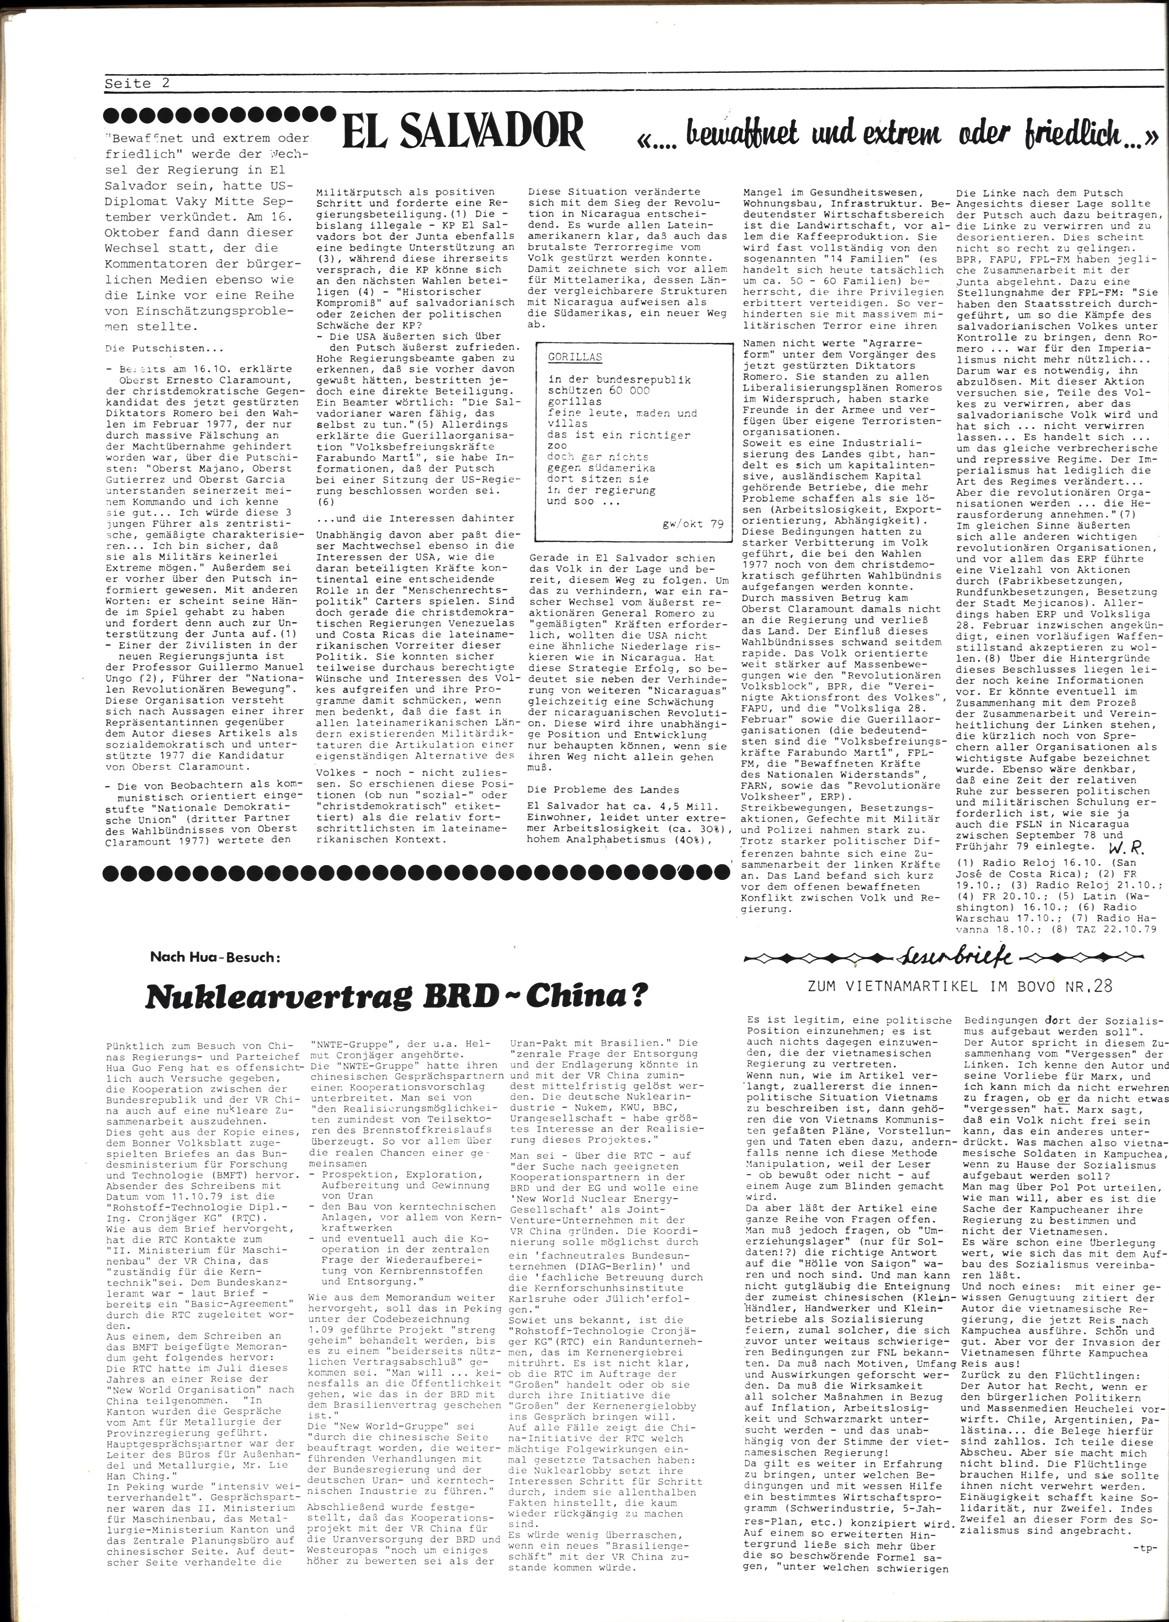 Bonner_Volksblatt_29_19791031_02